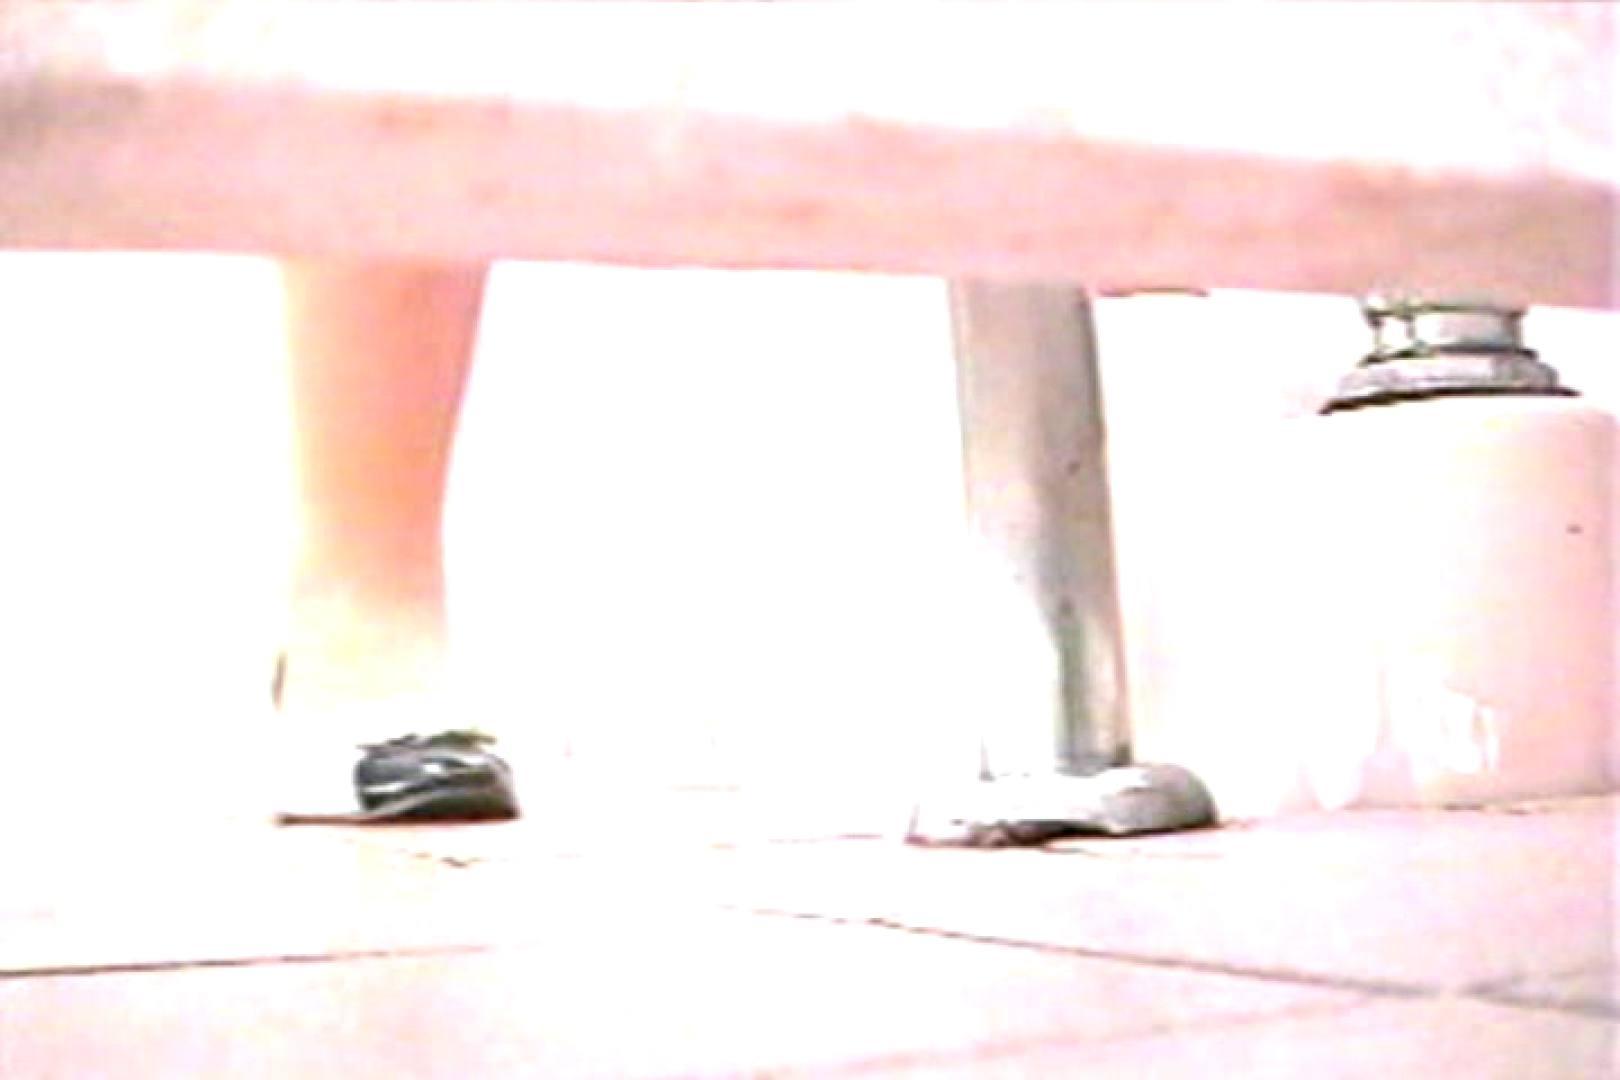 亀さんの秘蔵コレクションVol.3 丸見え 盗み撮りAV無料動画キャプチャ 57pic 23